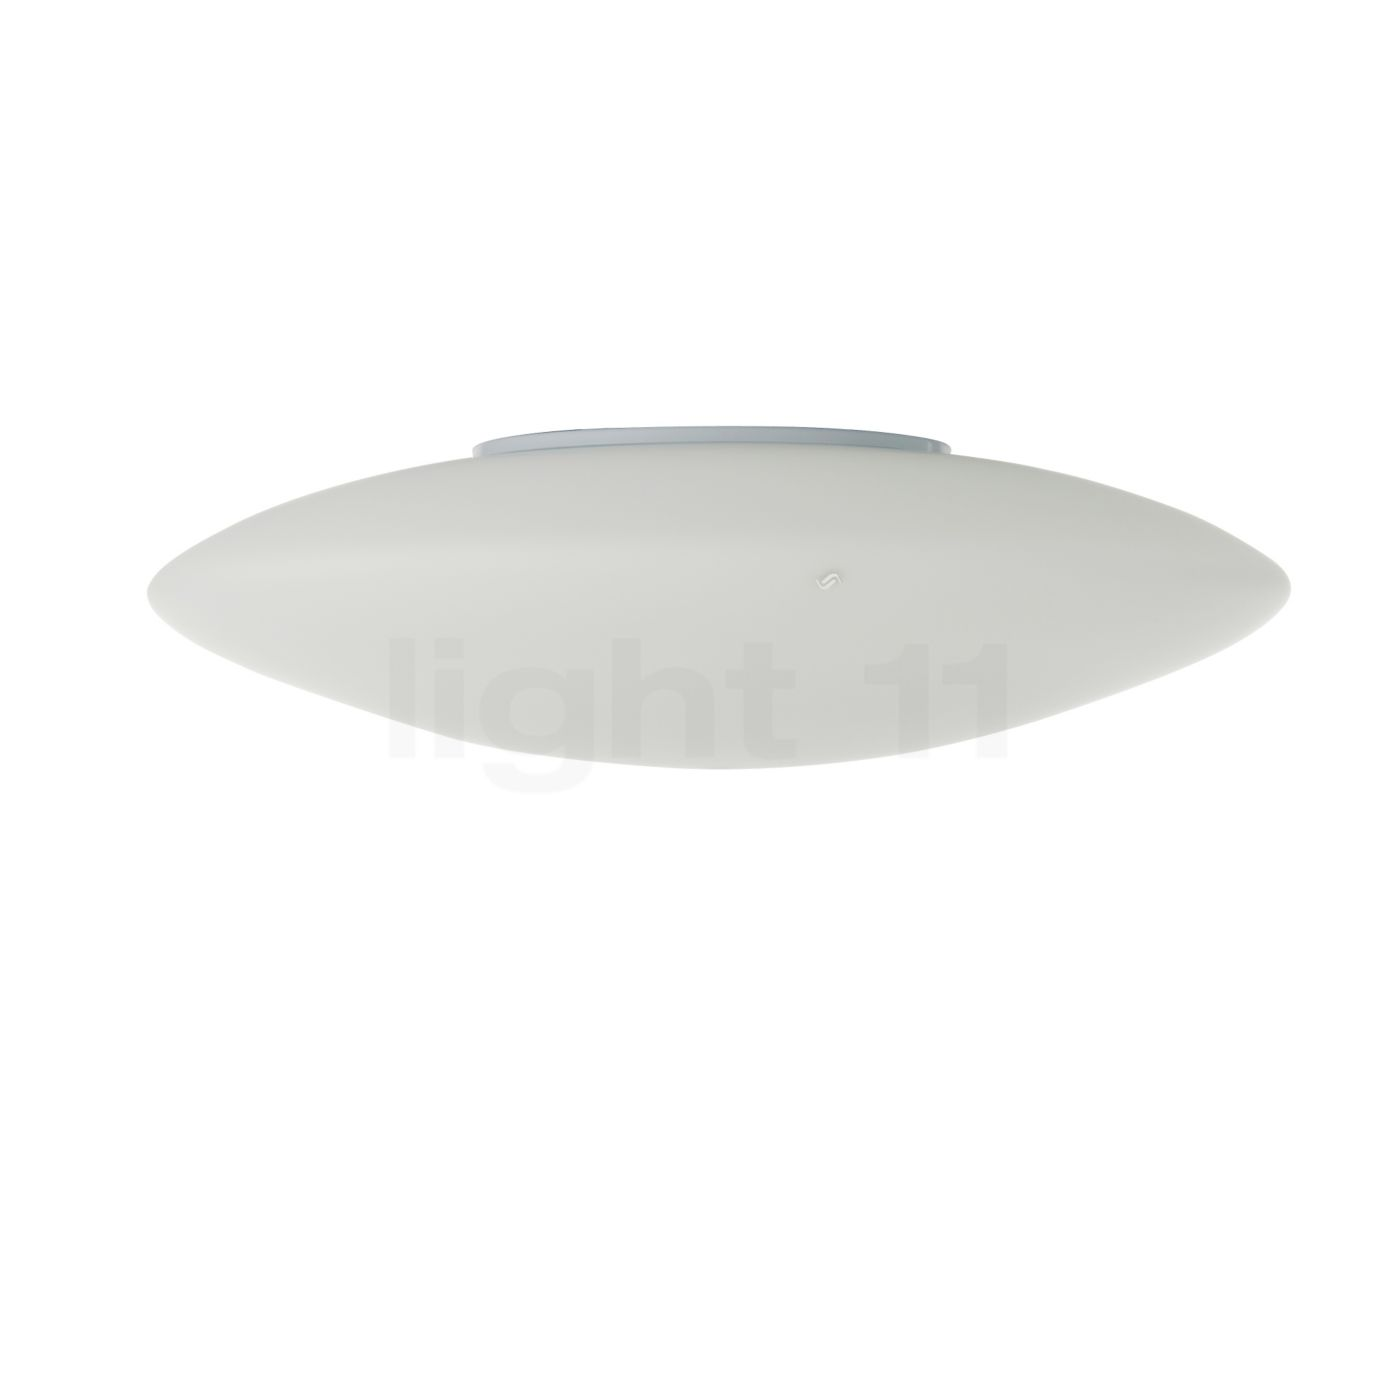 Steng Licht steng licht lens wall ceiling light wall mounted light